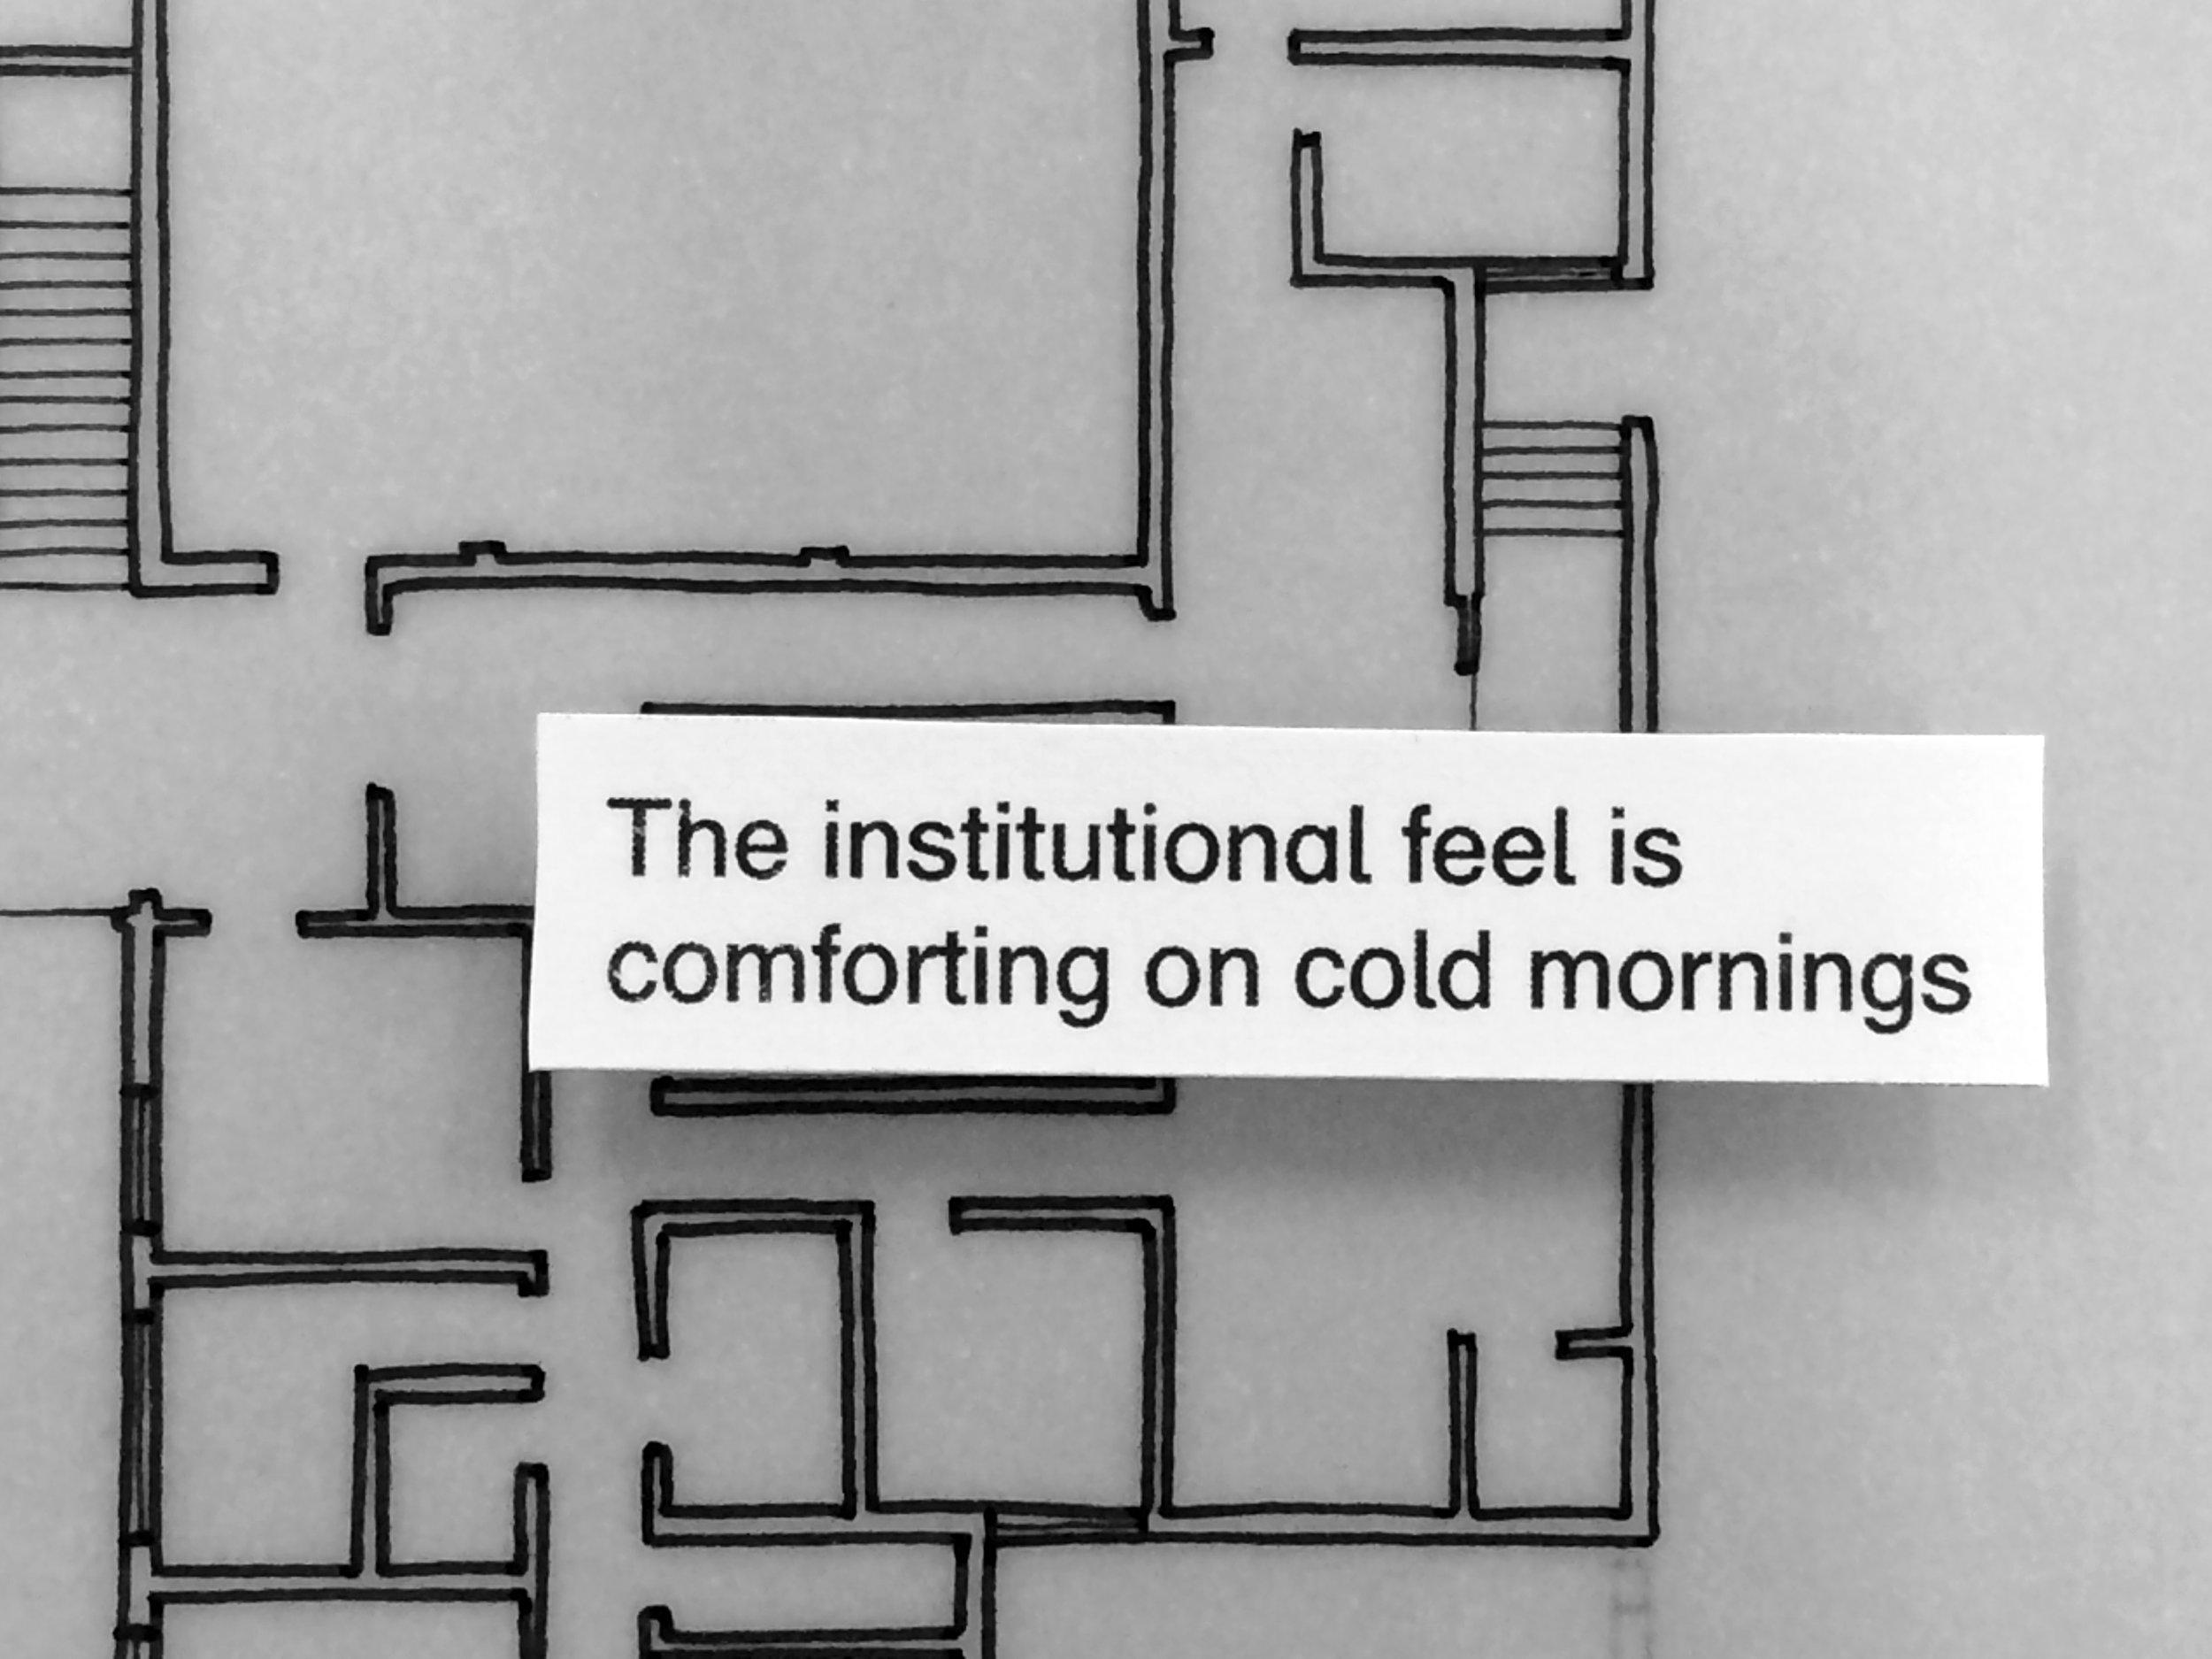 The institutional feel 1.JPG